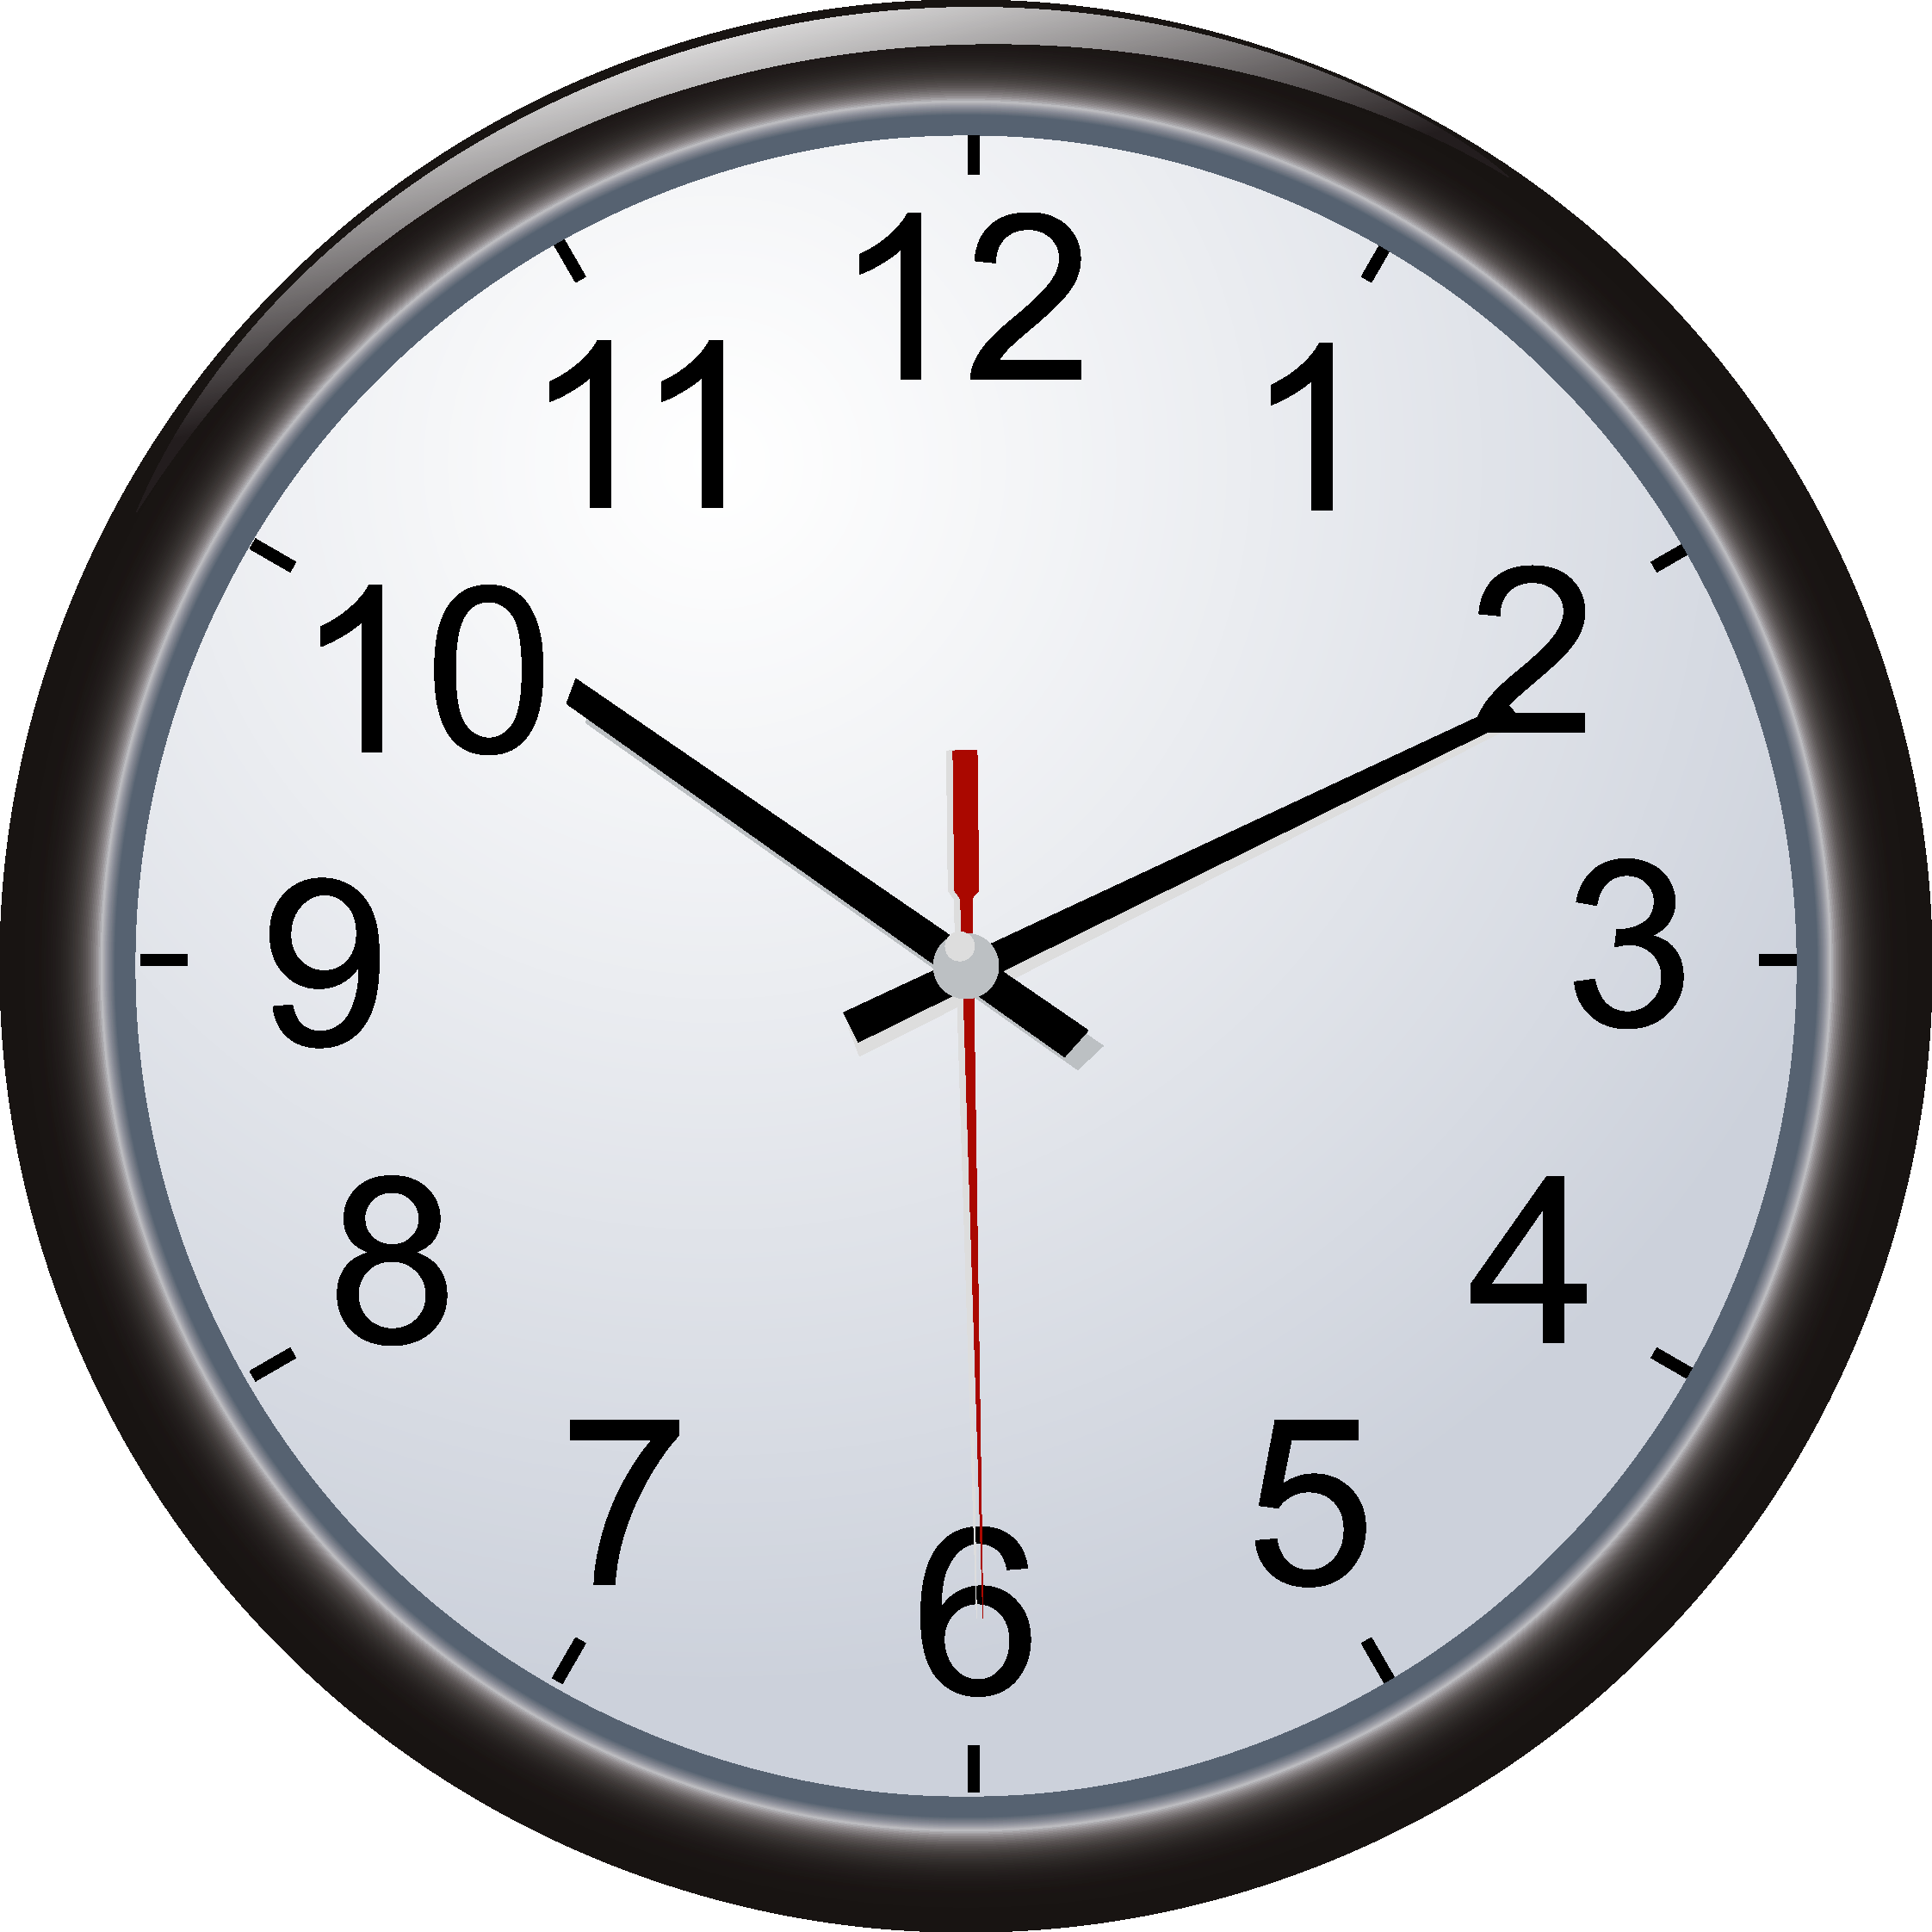 Big ben clock face. See clipart digital watch